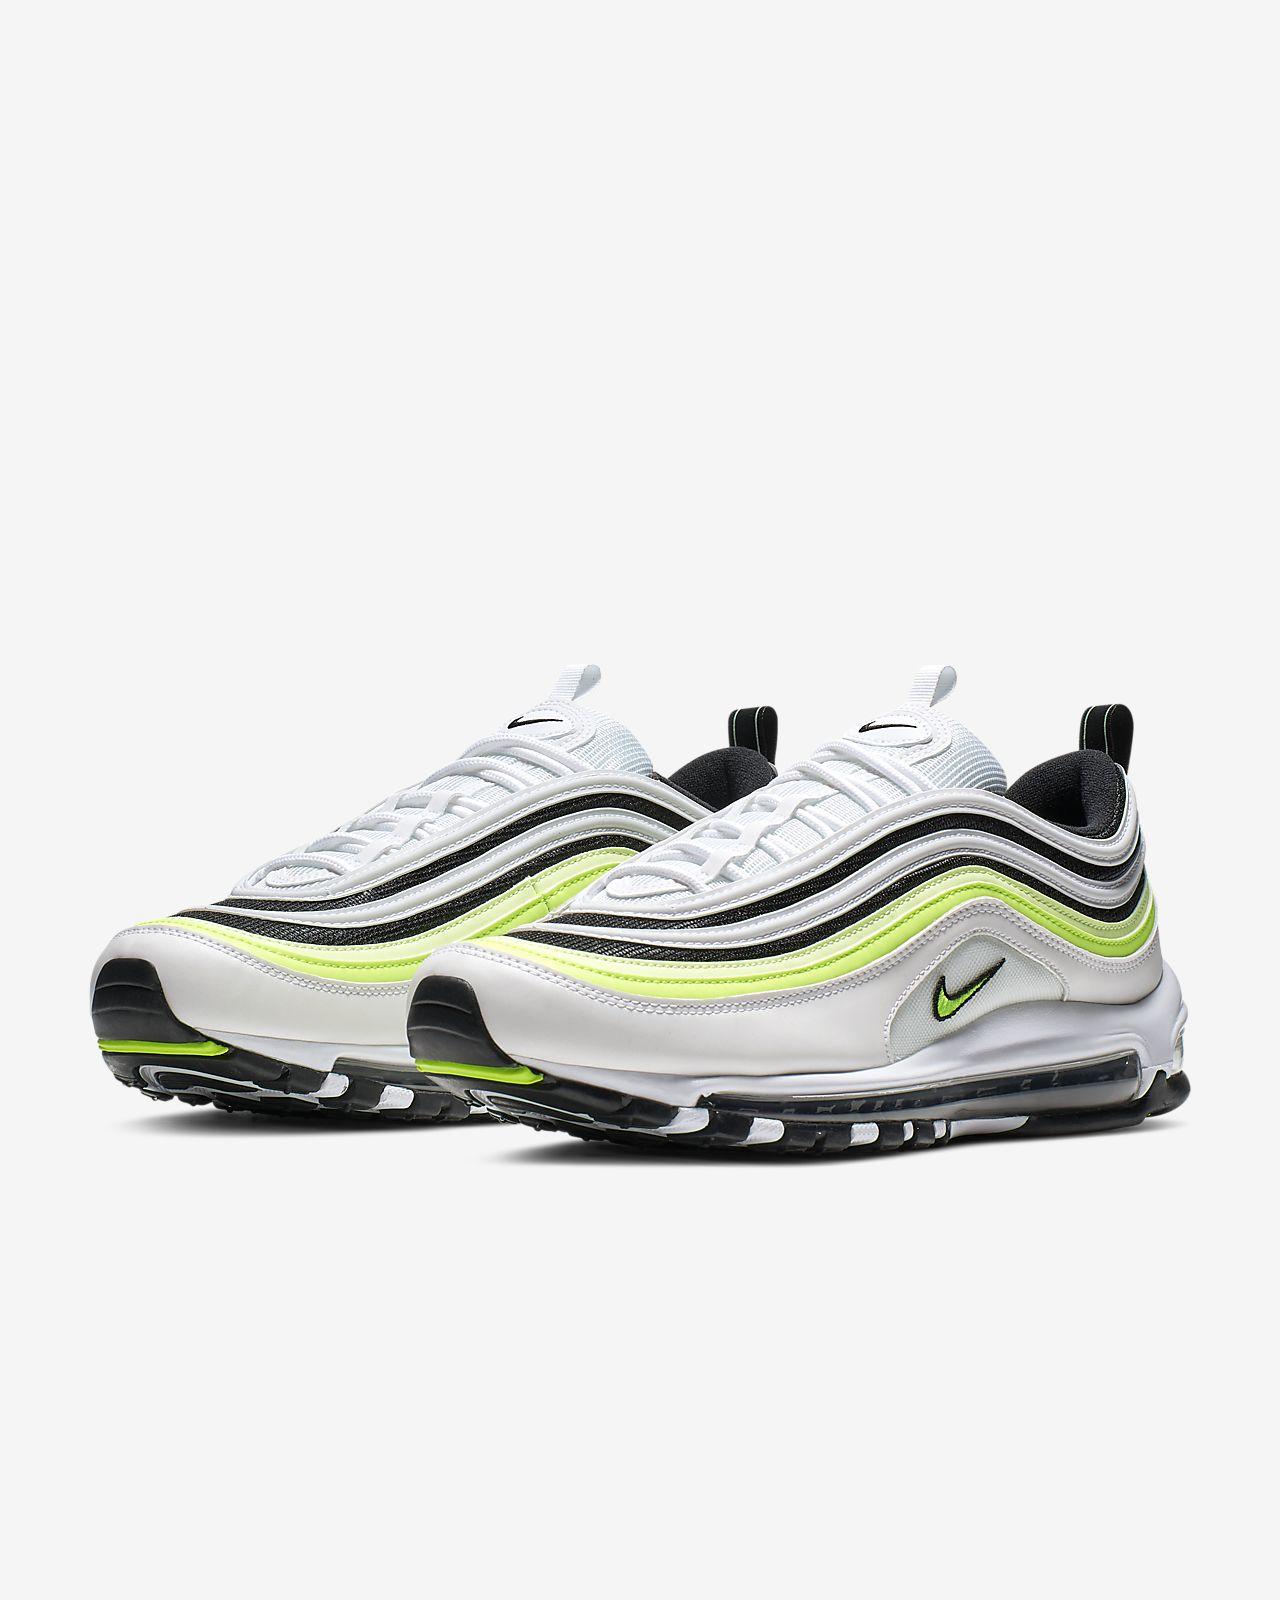 man shoes NIKE AIR MAX 97 SE AQ4126 101